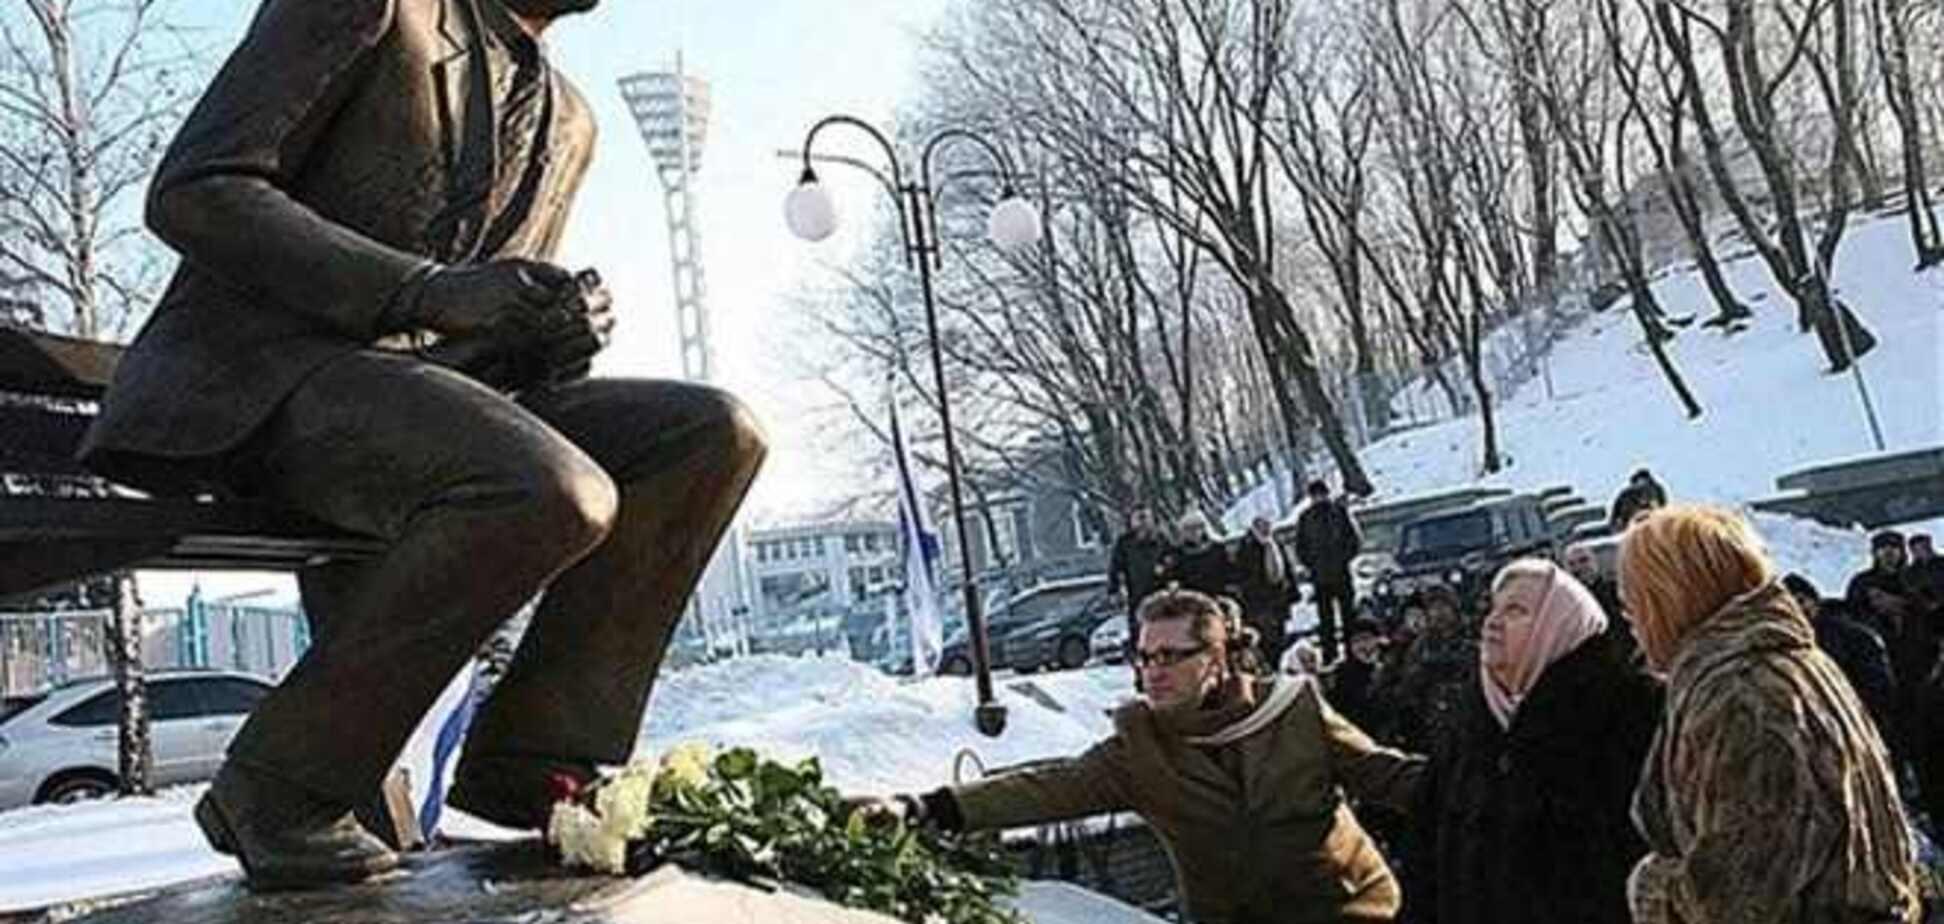 Динамовские болельщики добиваются переименования одной из улиц Киева в честь Лобановского